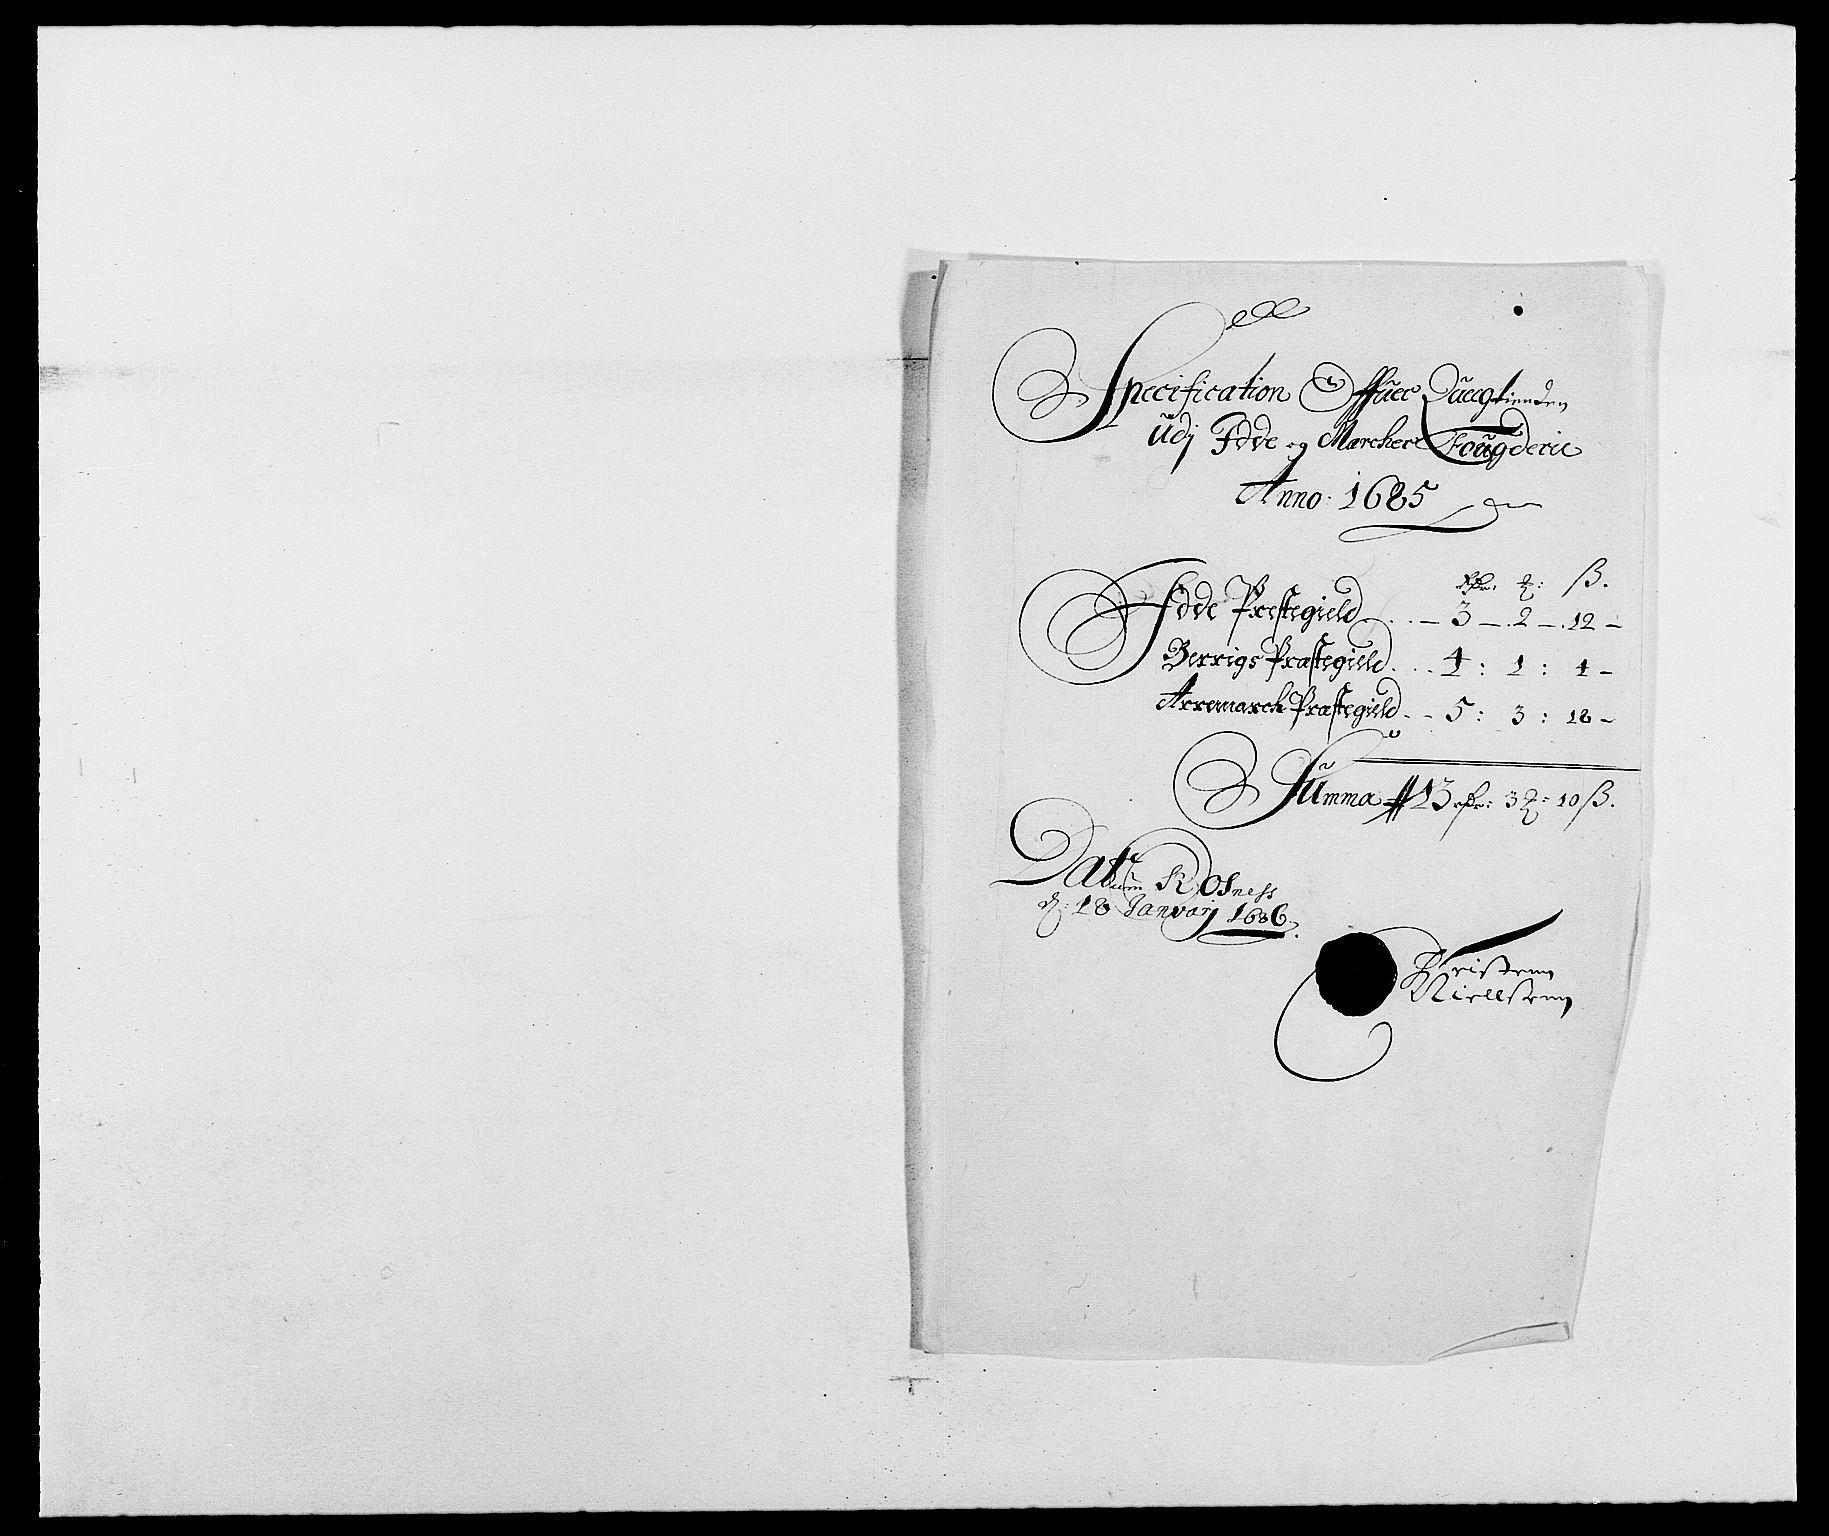 RA, Rentekammeret inntil 1814, Reviderte regnskaper, Fogderegnskap, R01/L0006: Fogderegnskap Idd og Marker, 1685-1686, s. 64